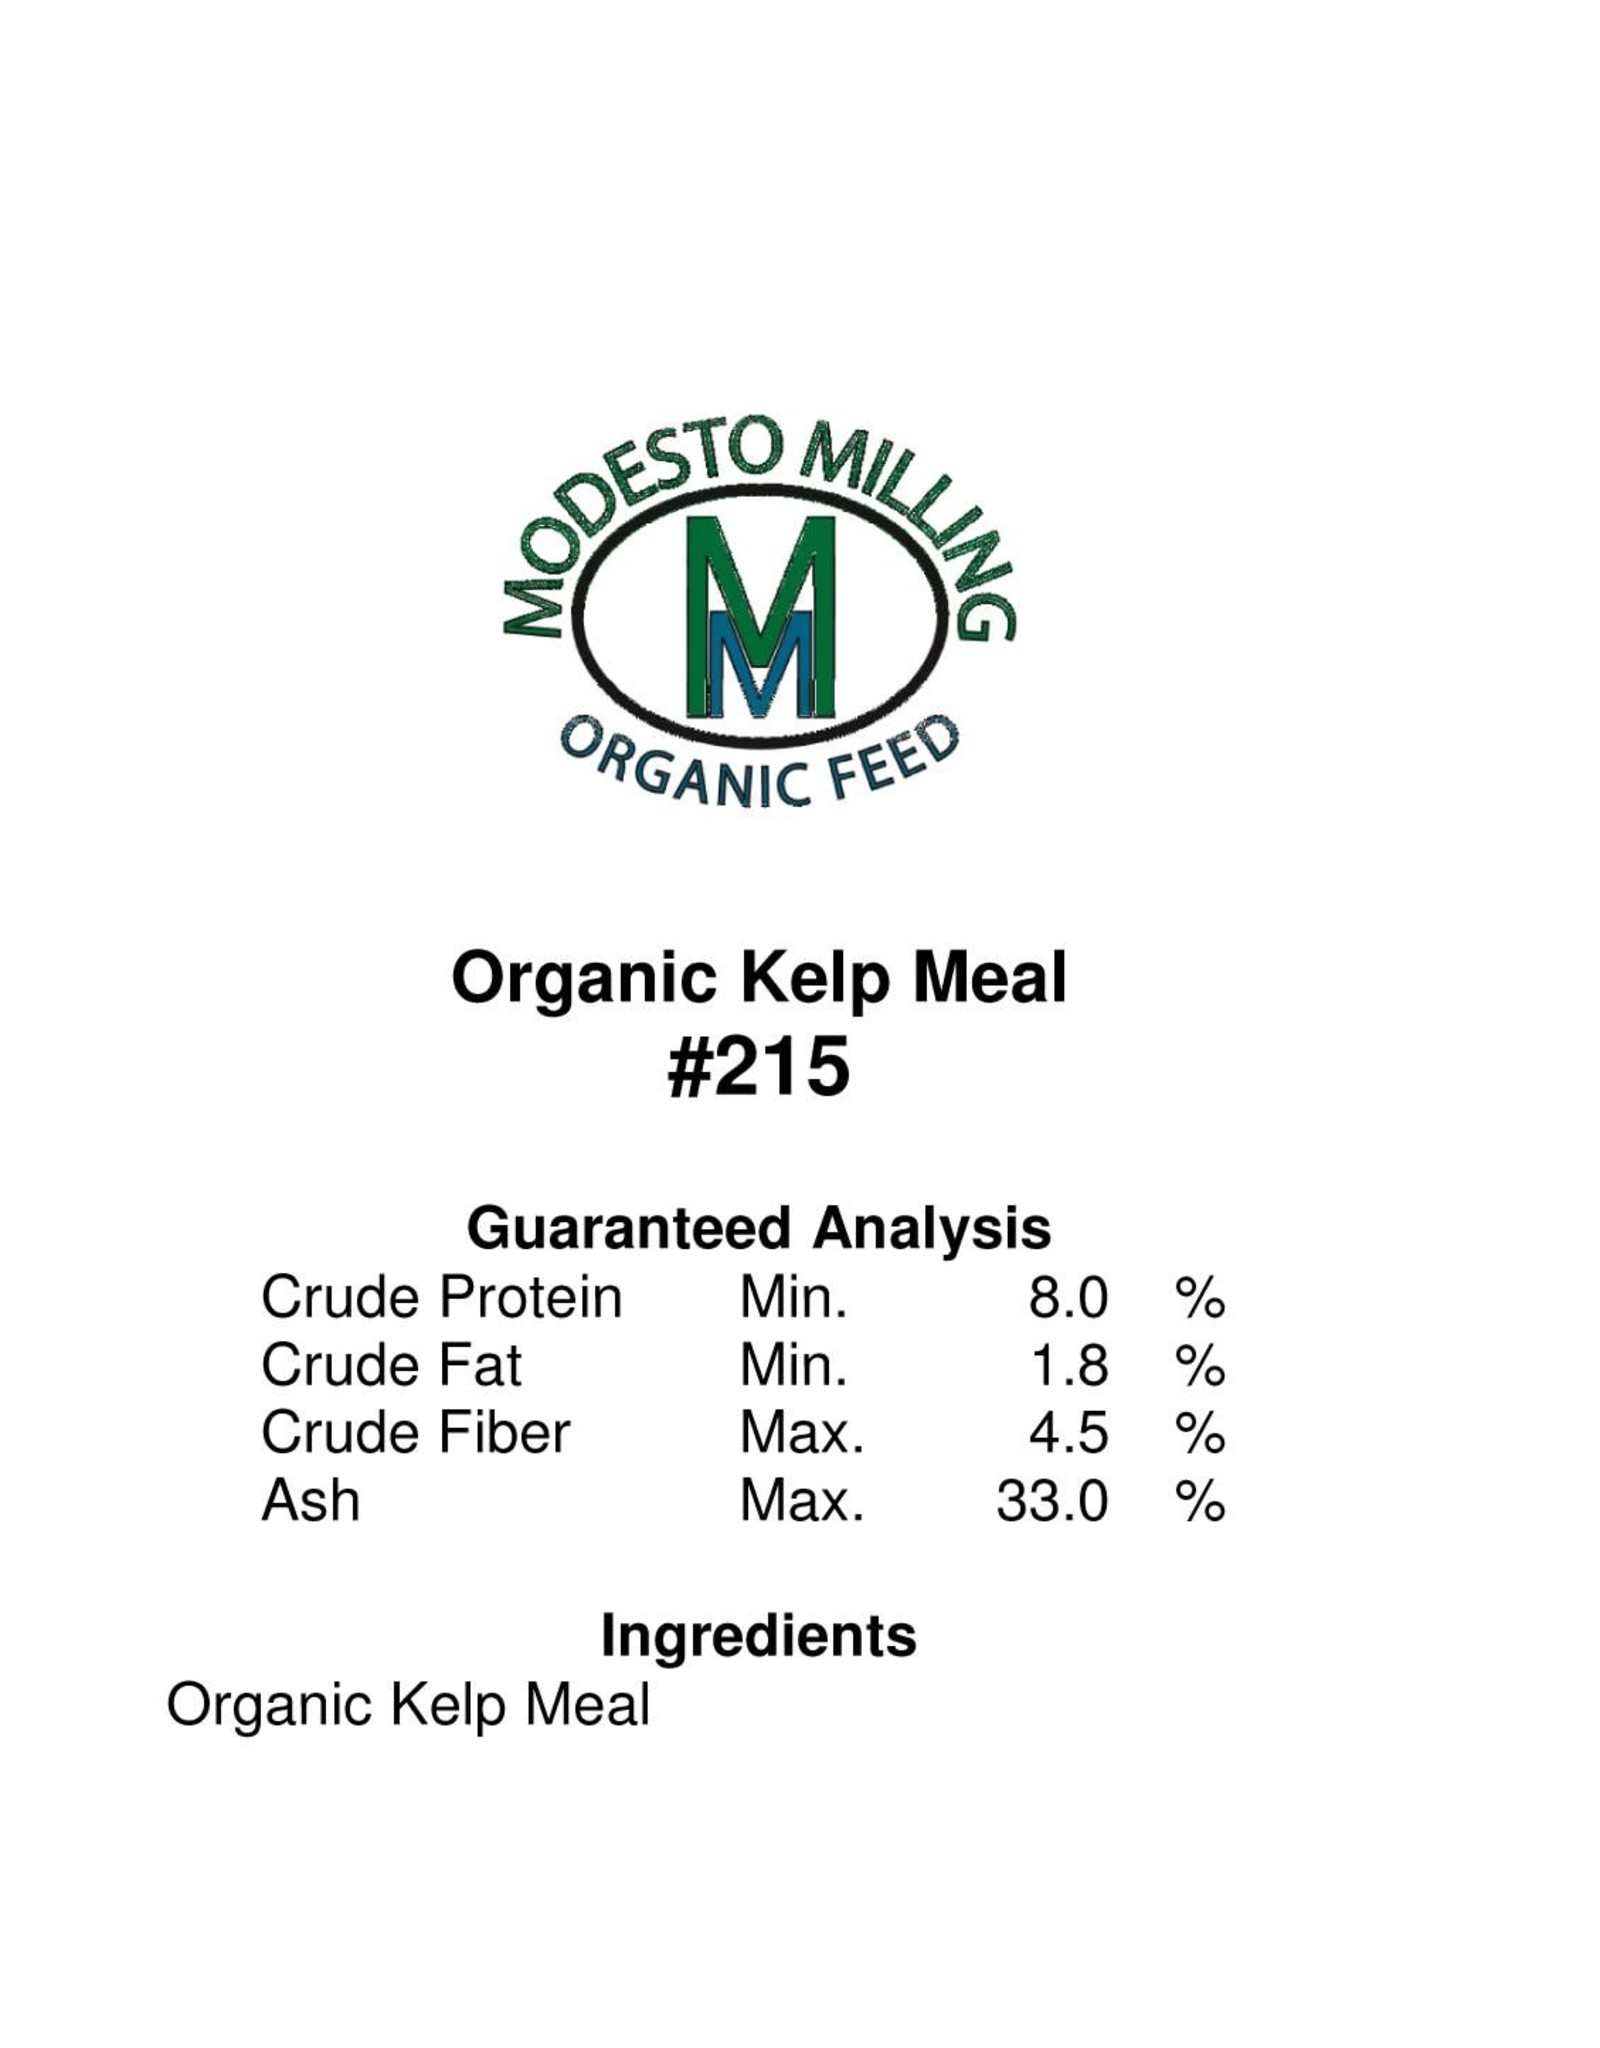 Modesto Milling Organic Kelp Meal